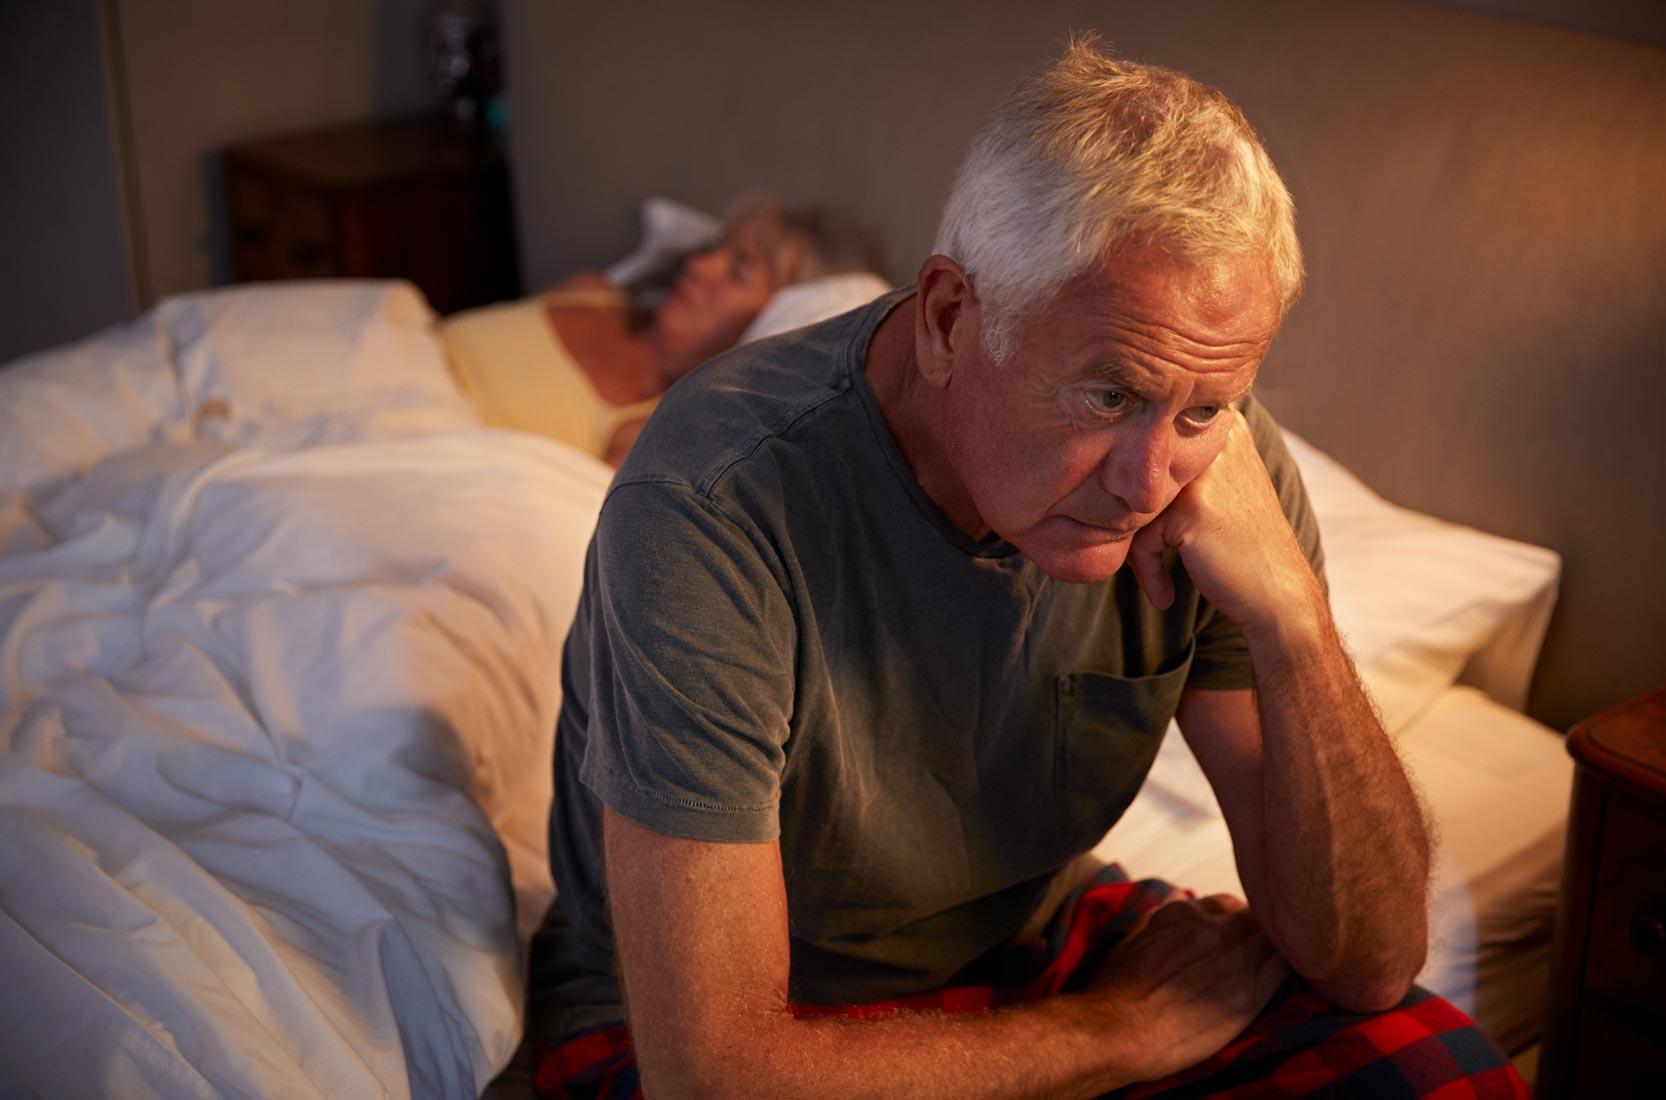 Herzbeklemmung & Herzbeschwerden bei Schlafstörungen